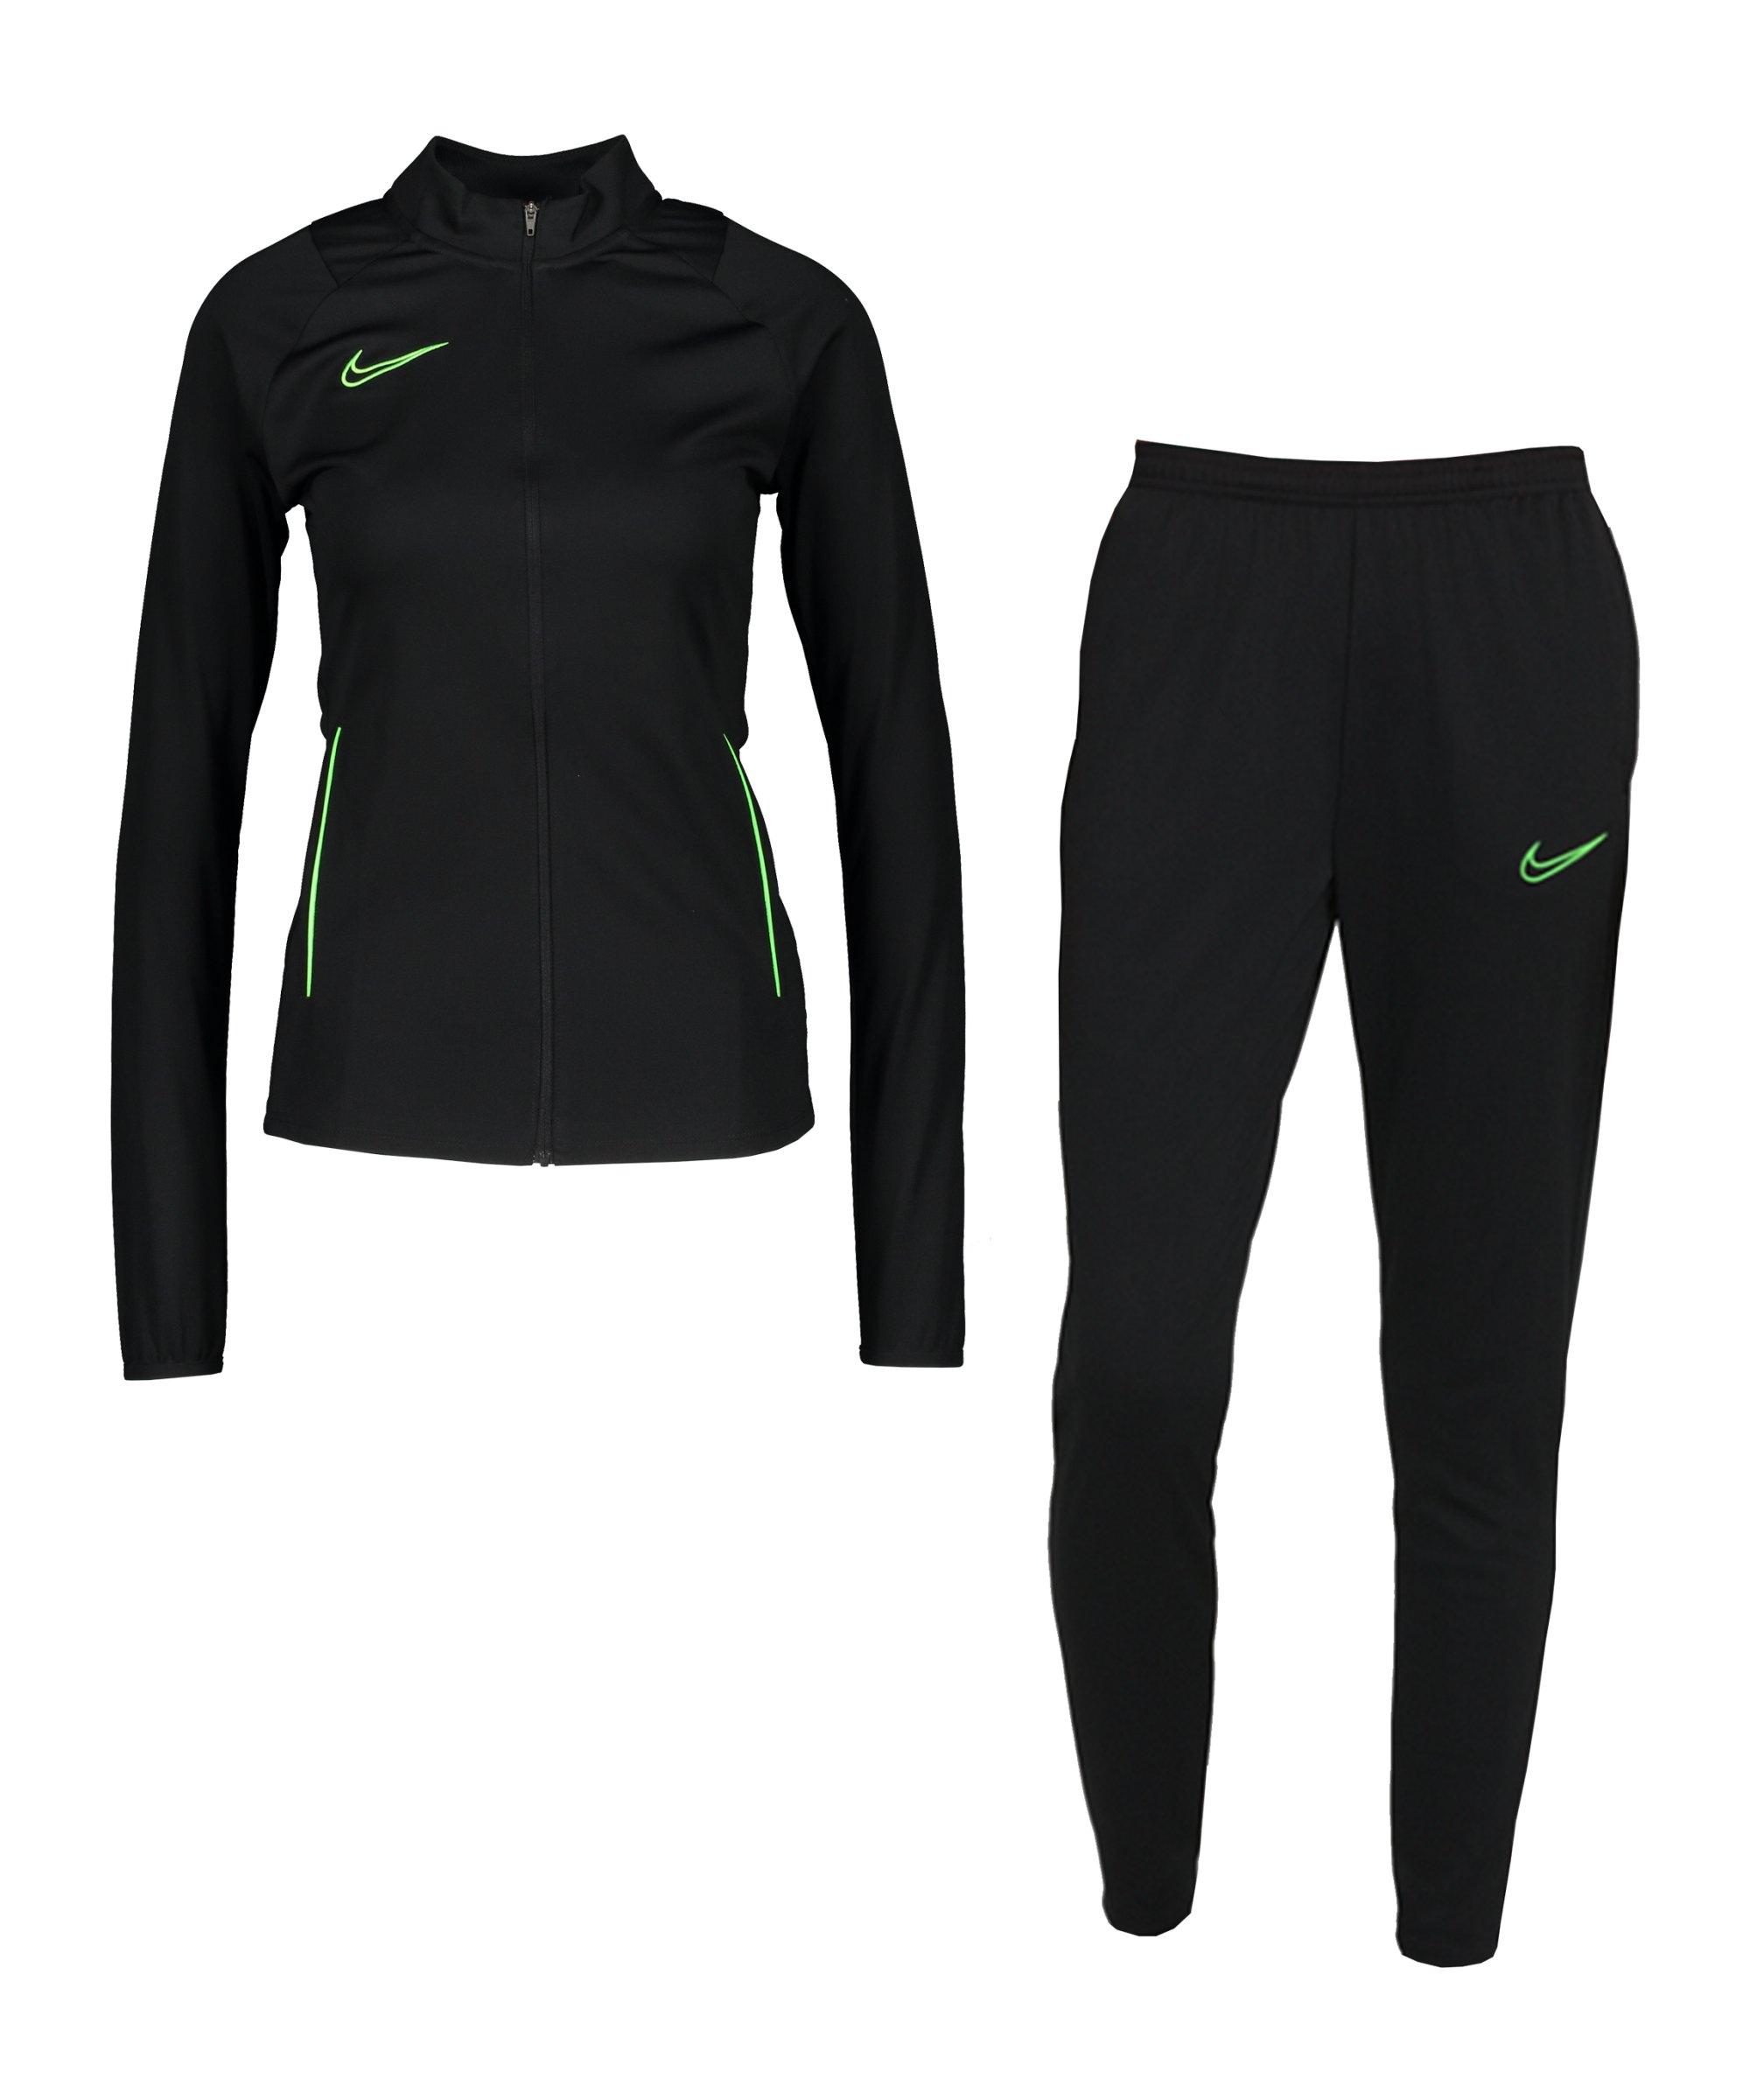 Nike Academy 21 Trainingsanzug Damen F011 - schwarz